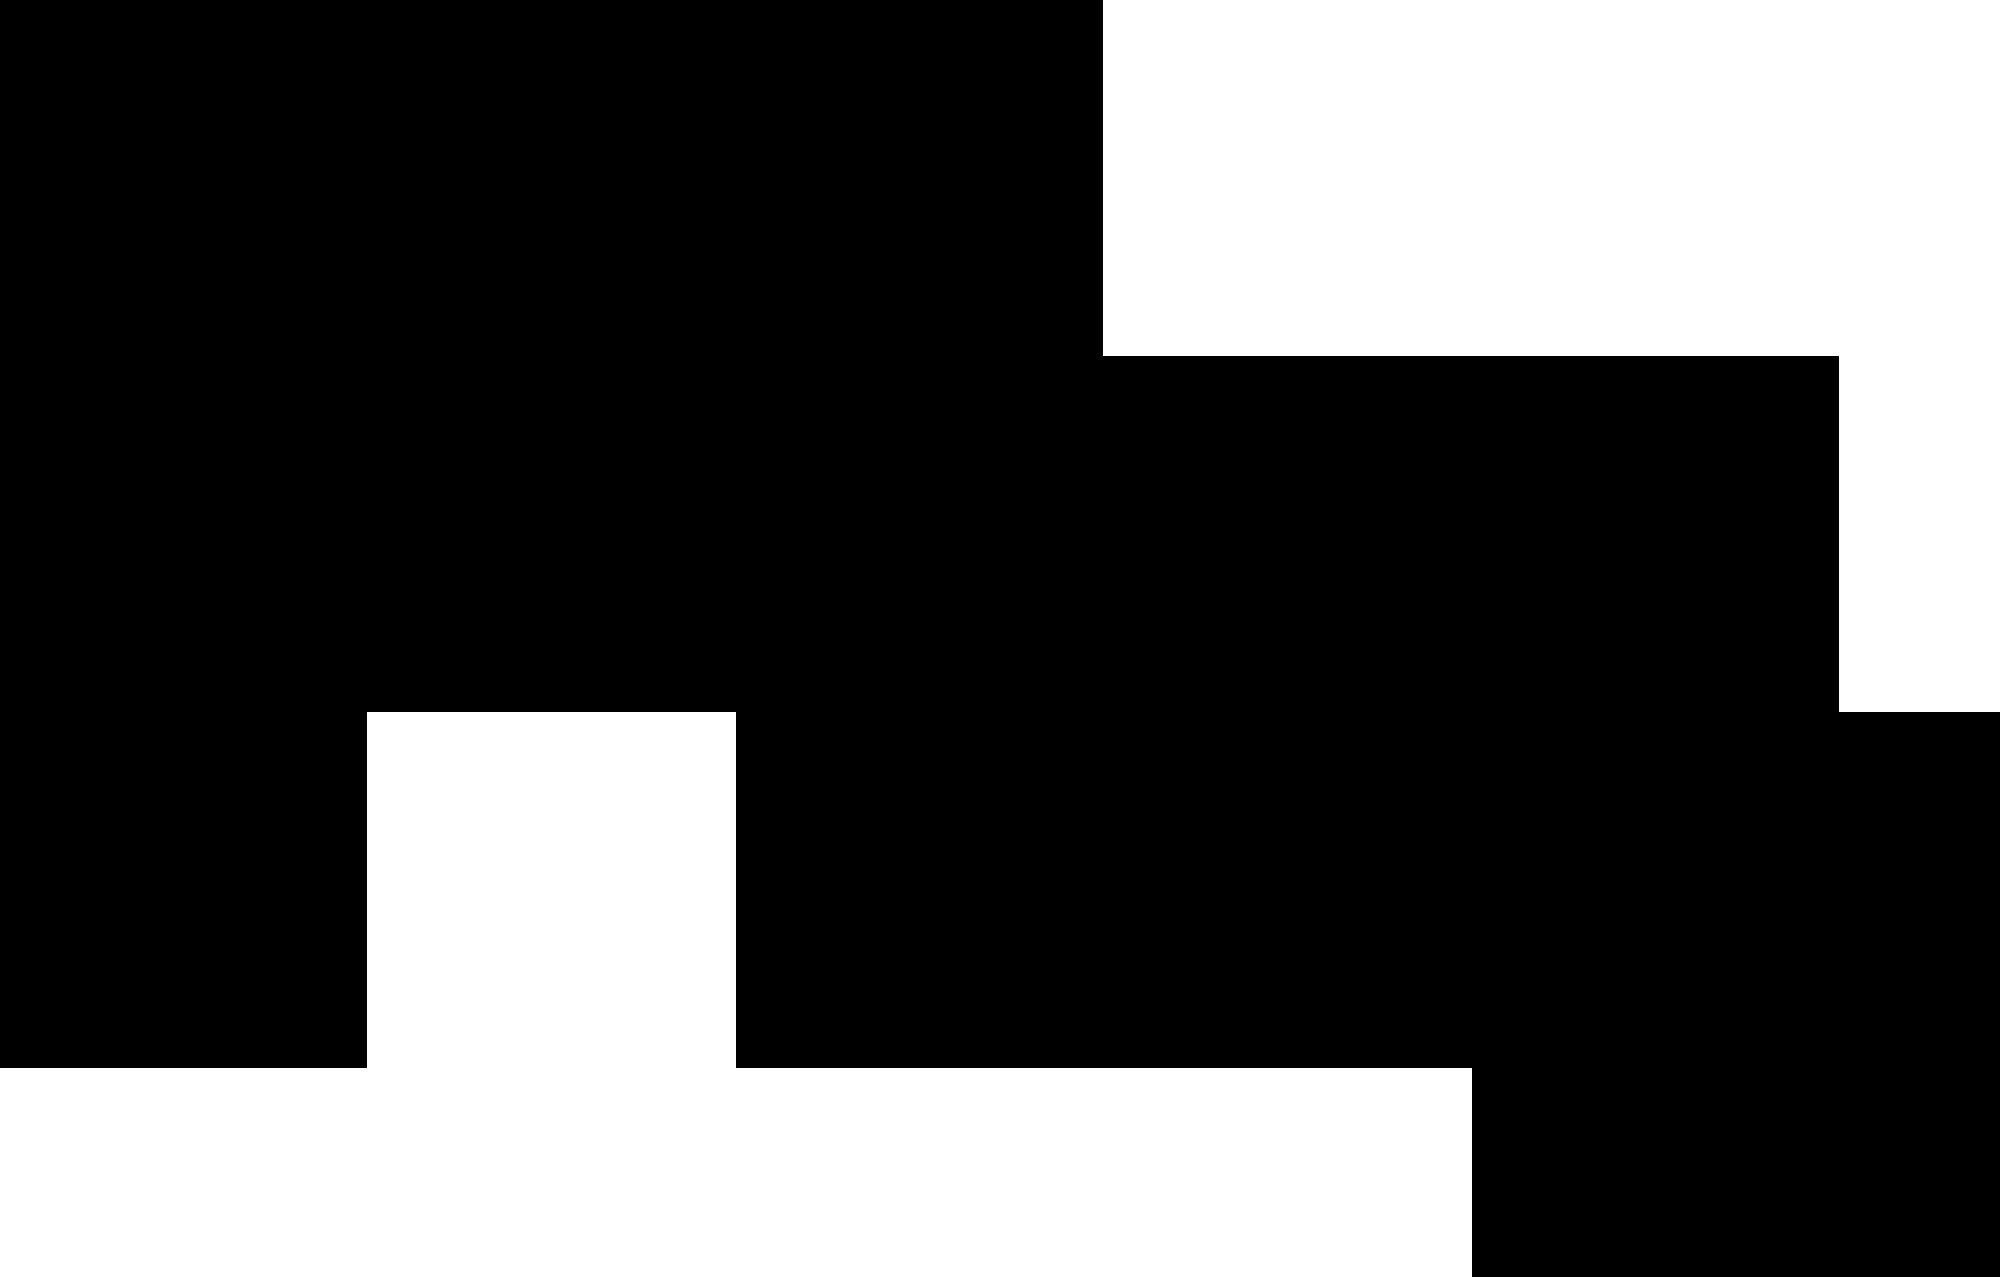 04_1.jpg